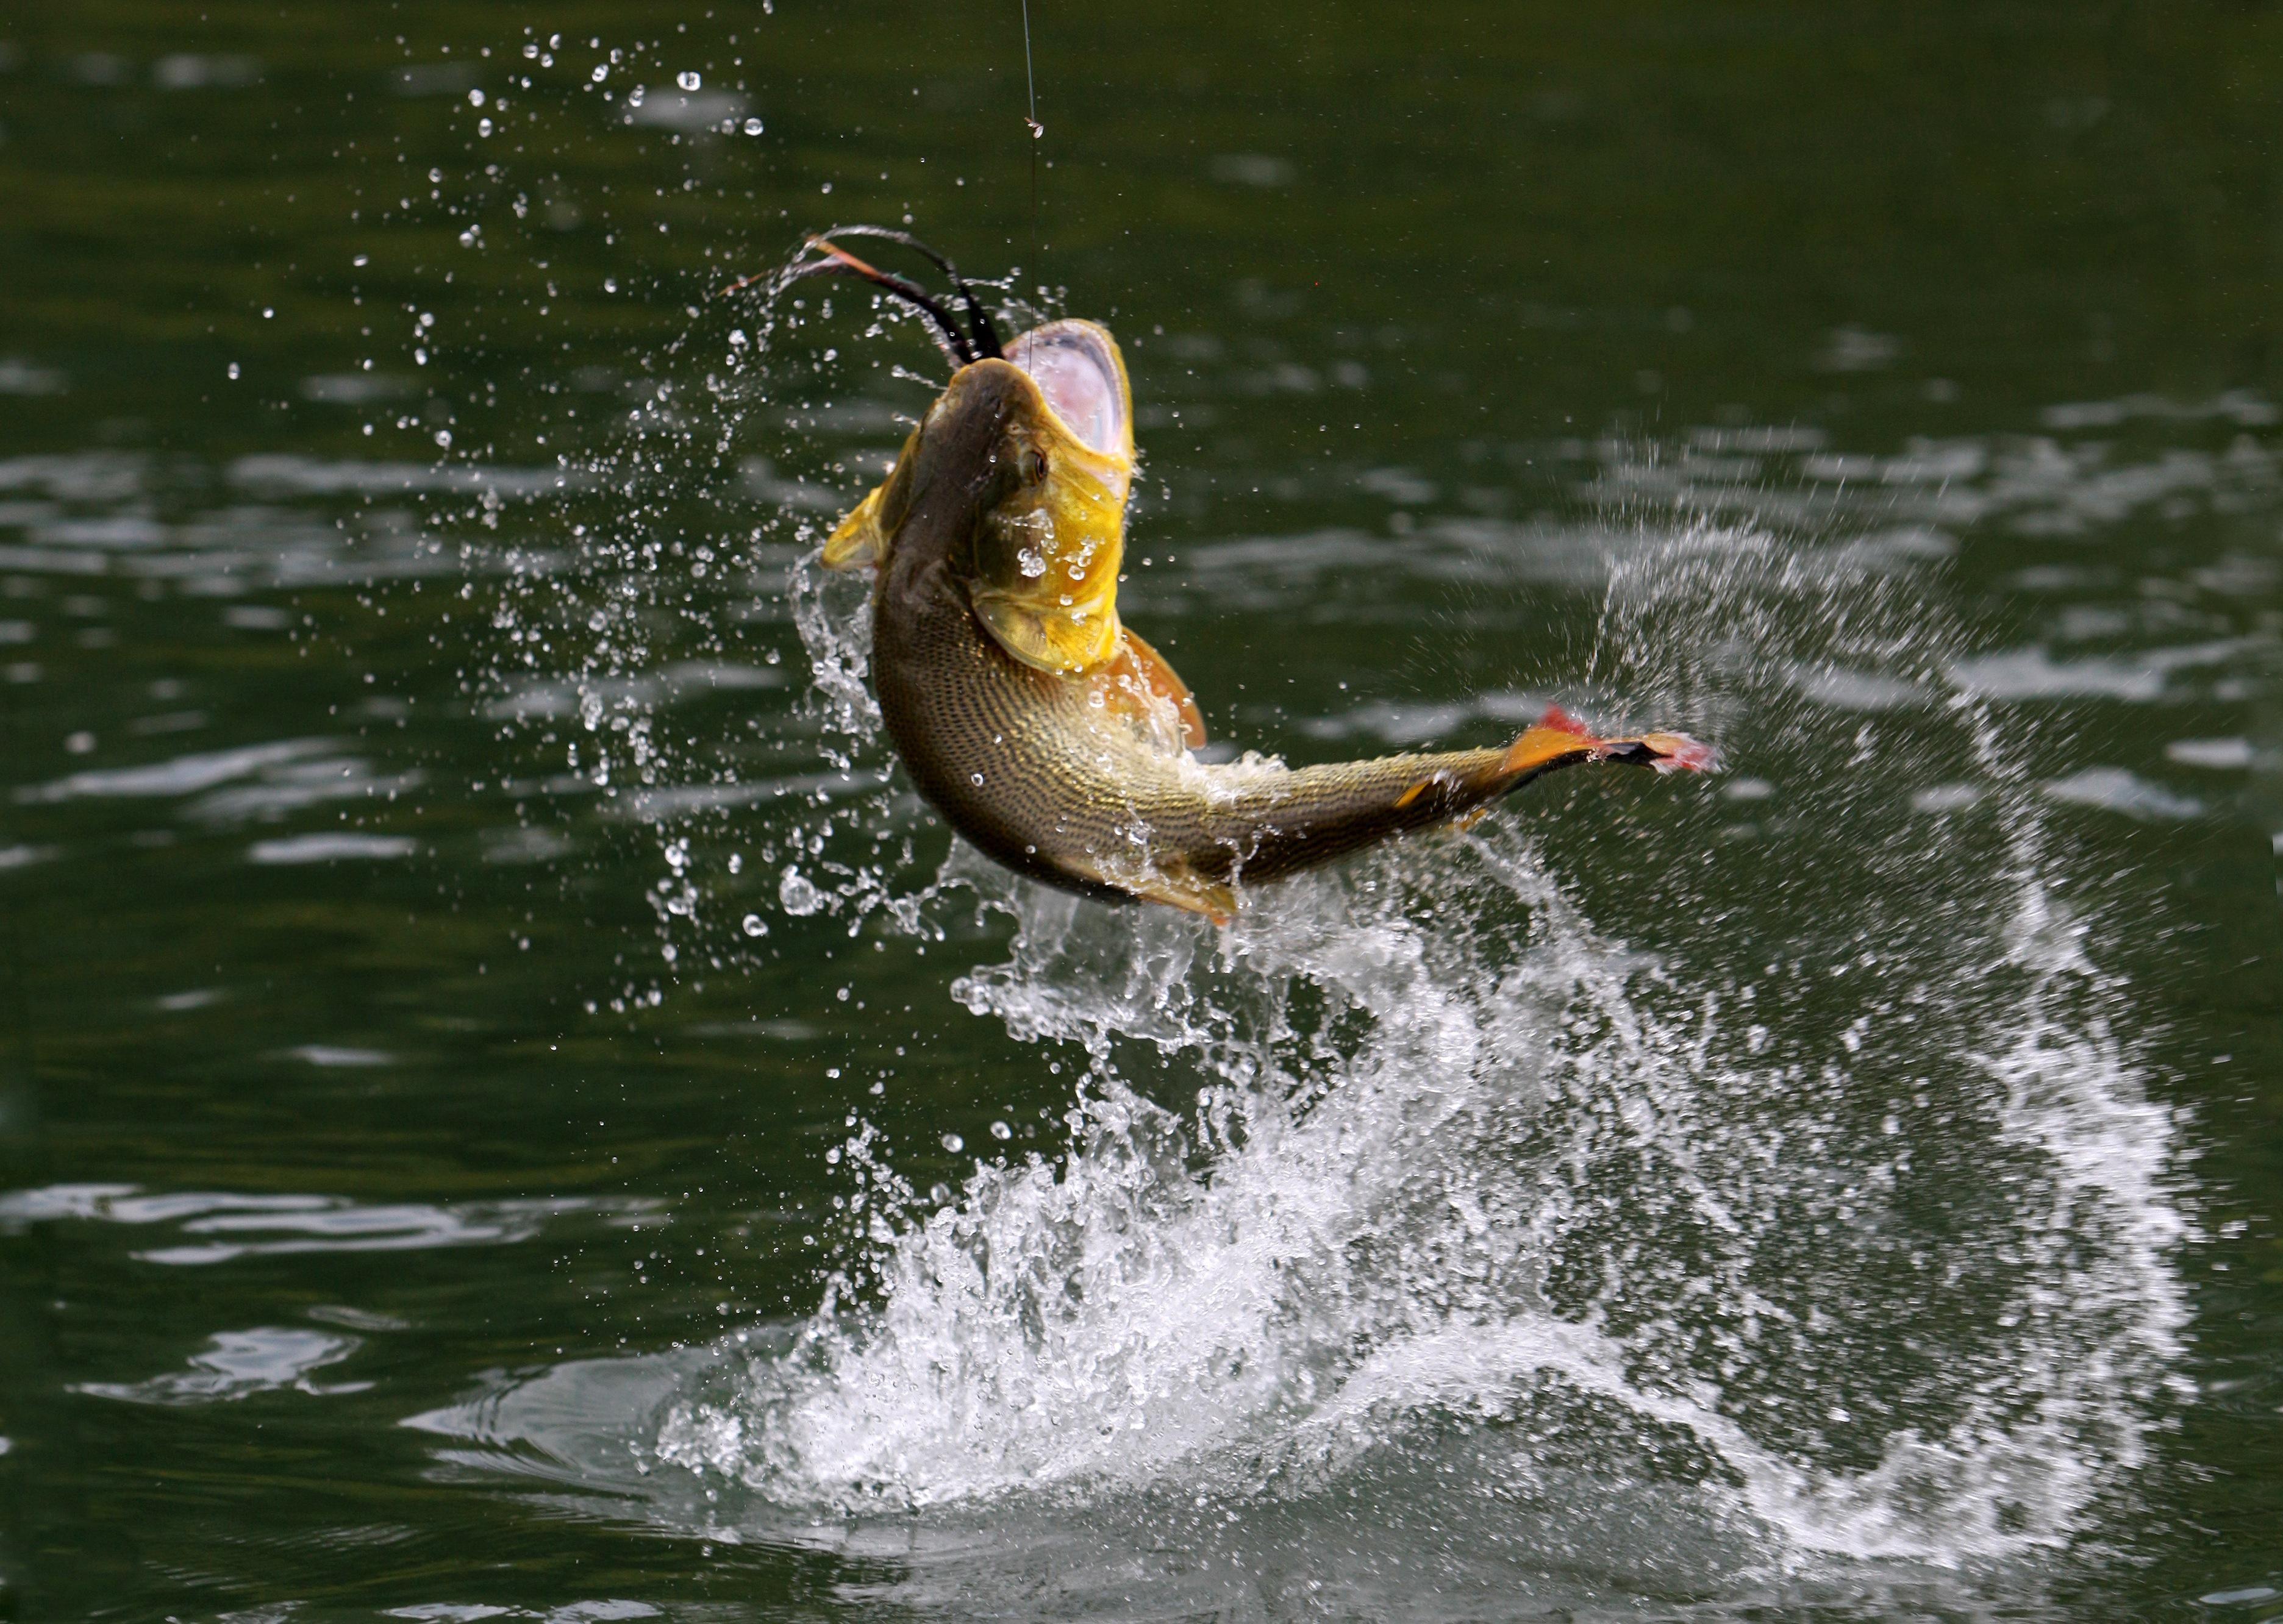 неудивительно, картинки про рыбалку на рабочий стол менее потолочное